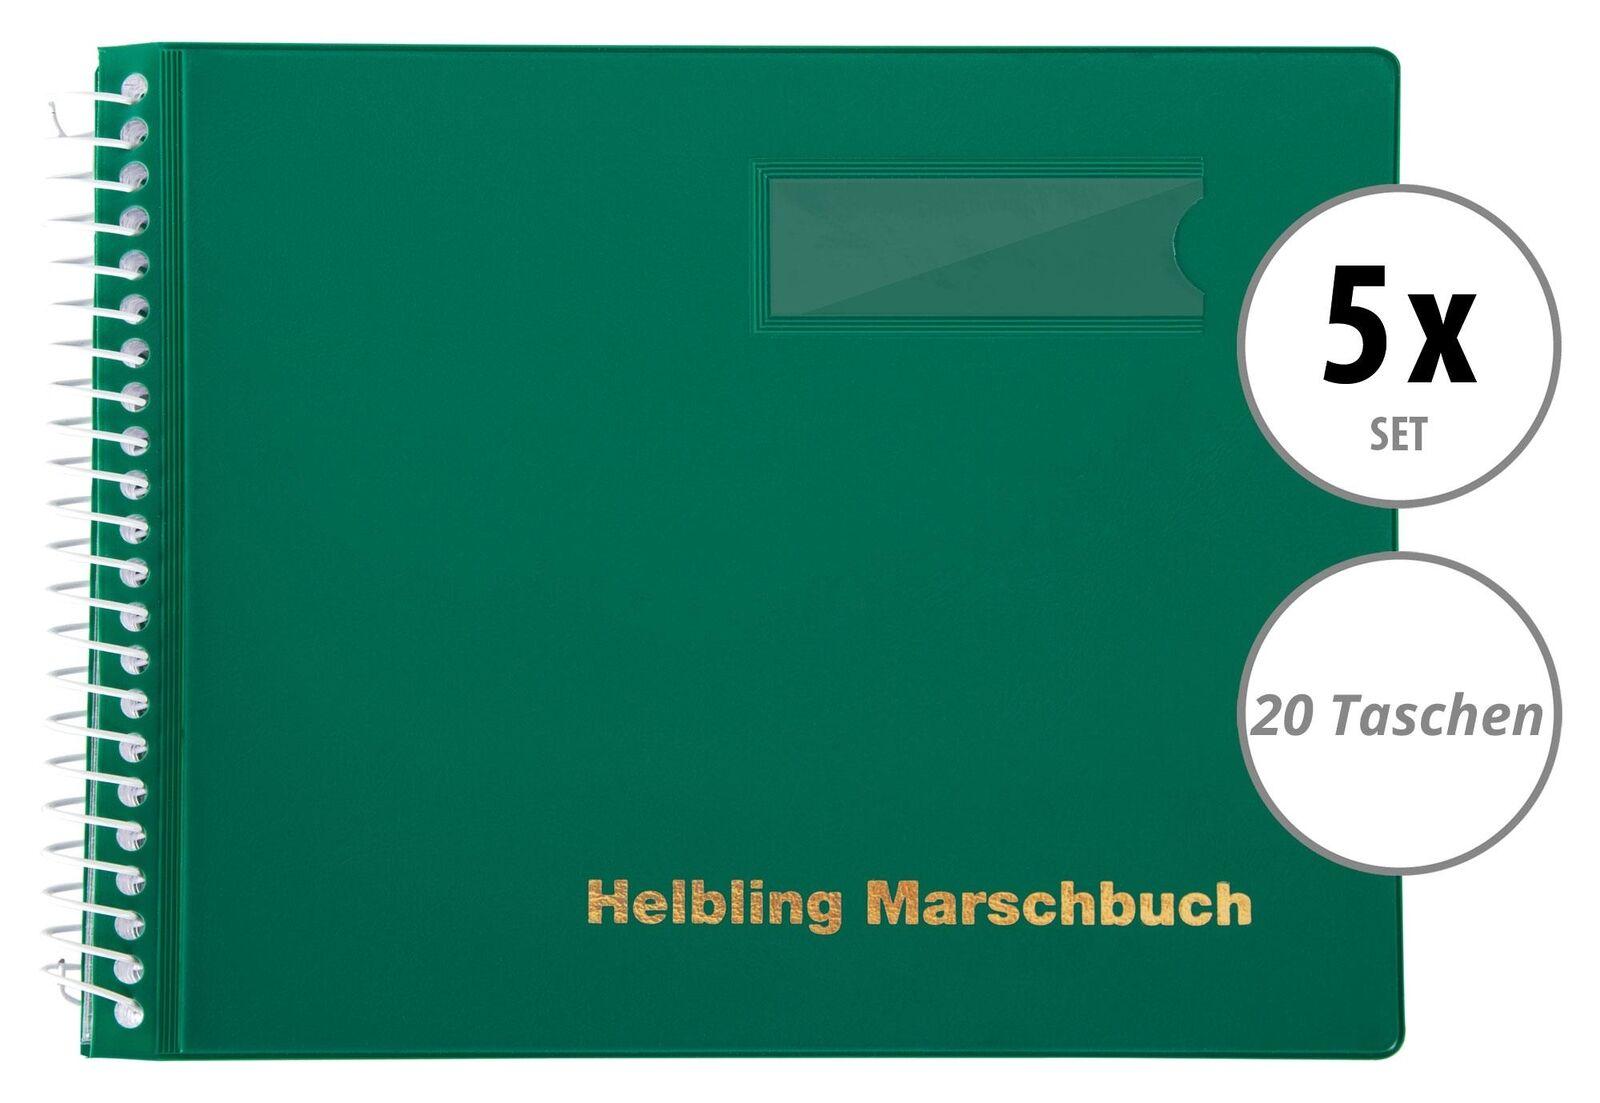 5x Helbling BMG20 Marschbuch grün 20 Taschen Marsch Noten Mappe Musik Spirale